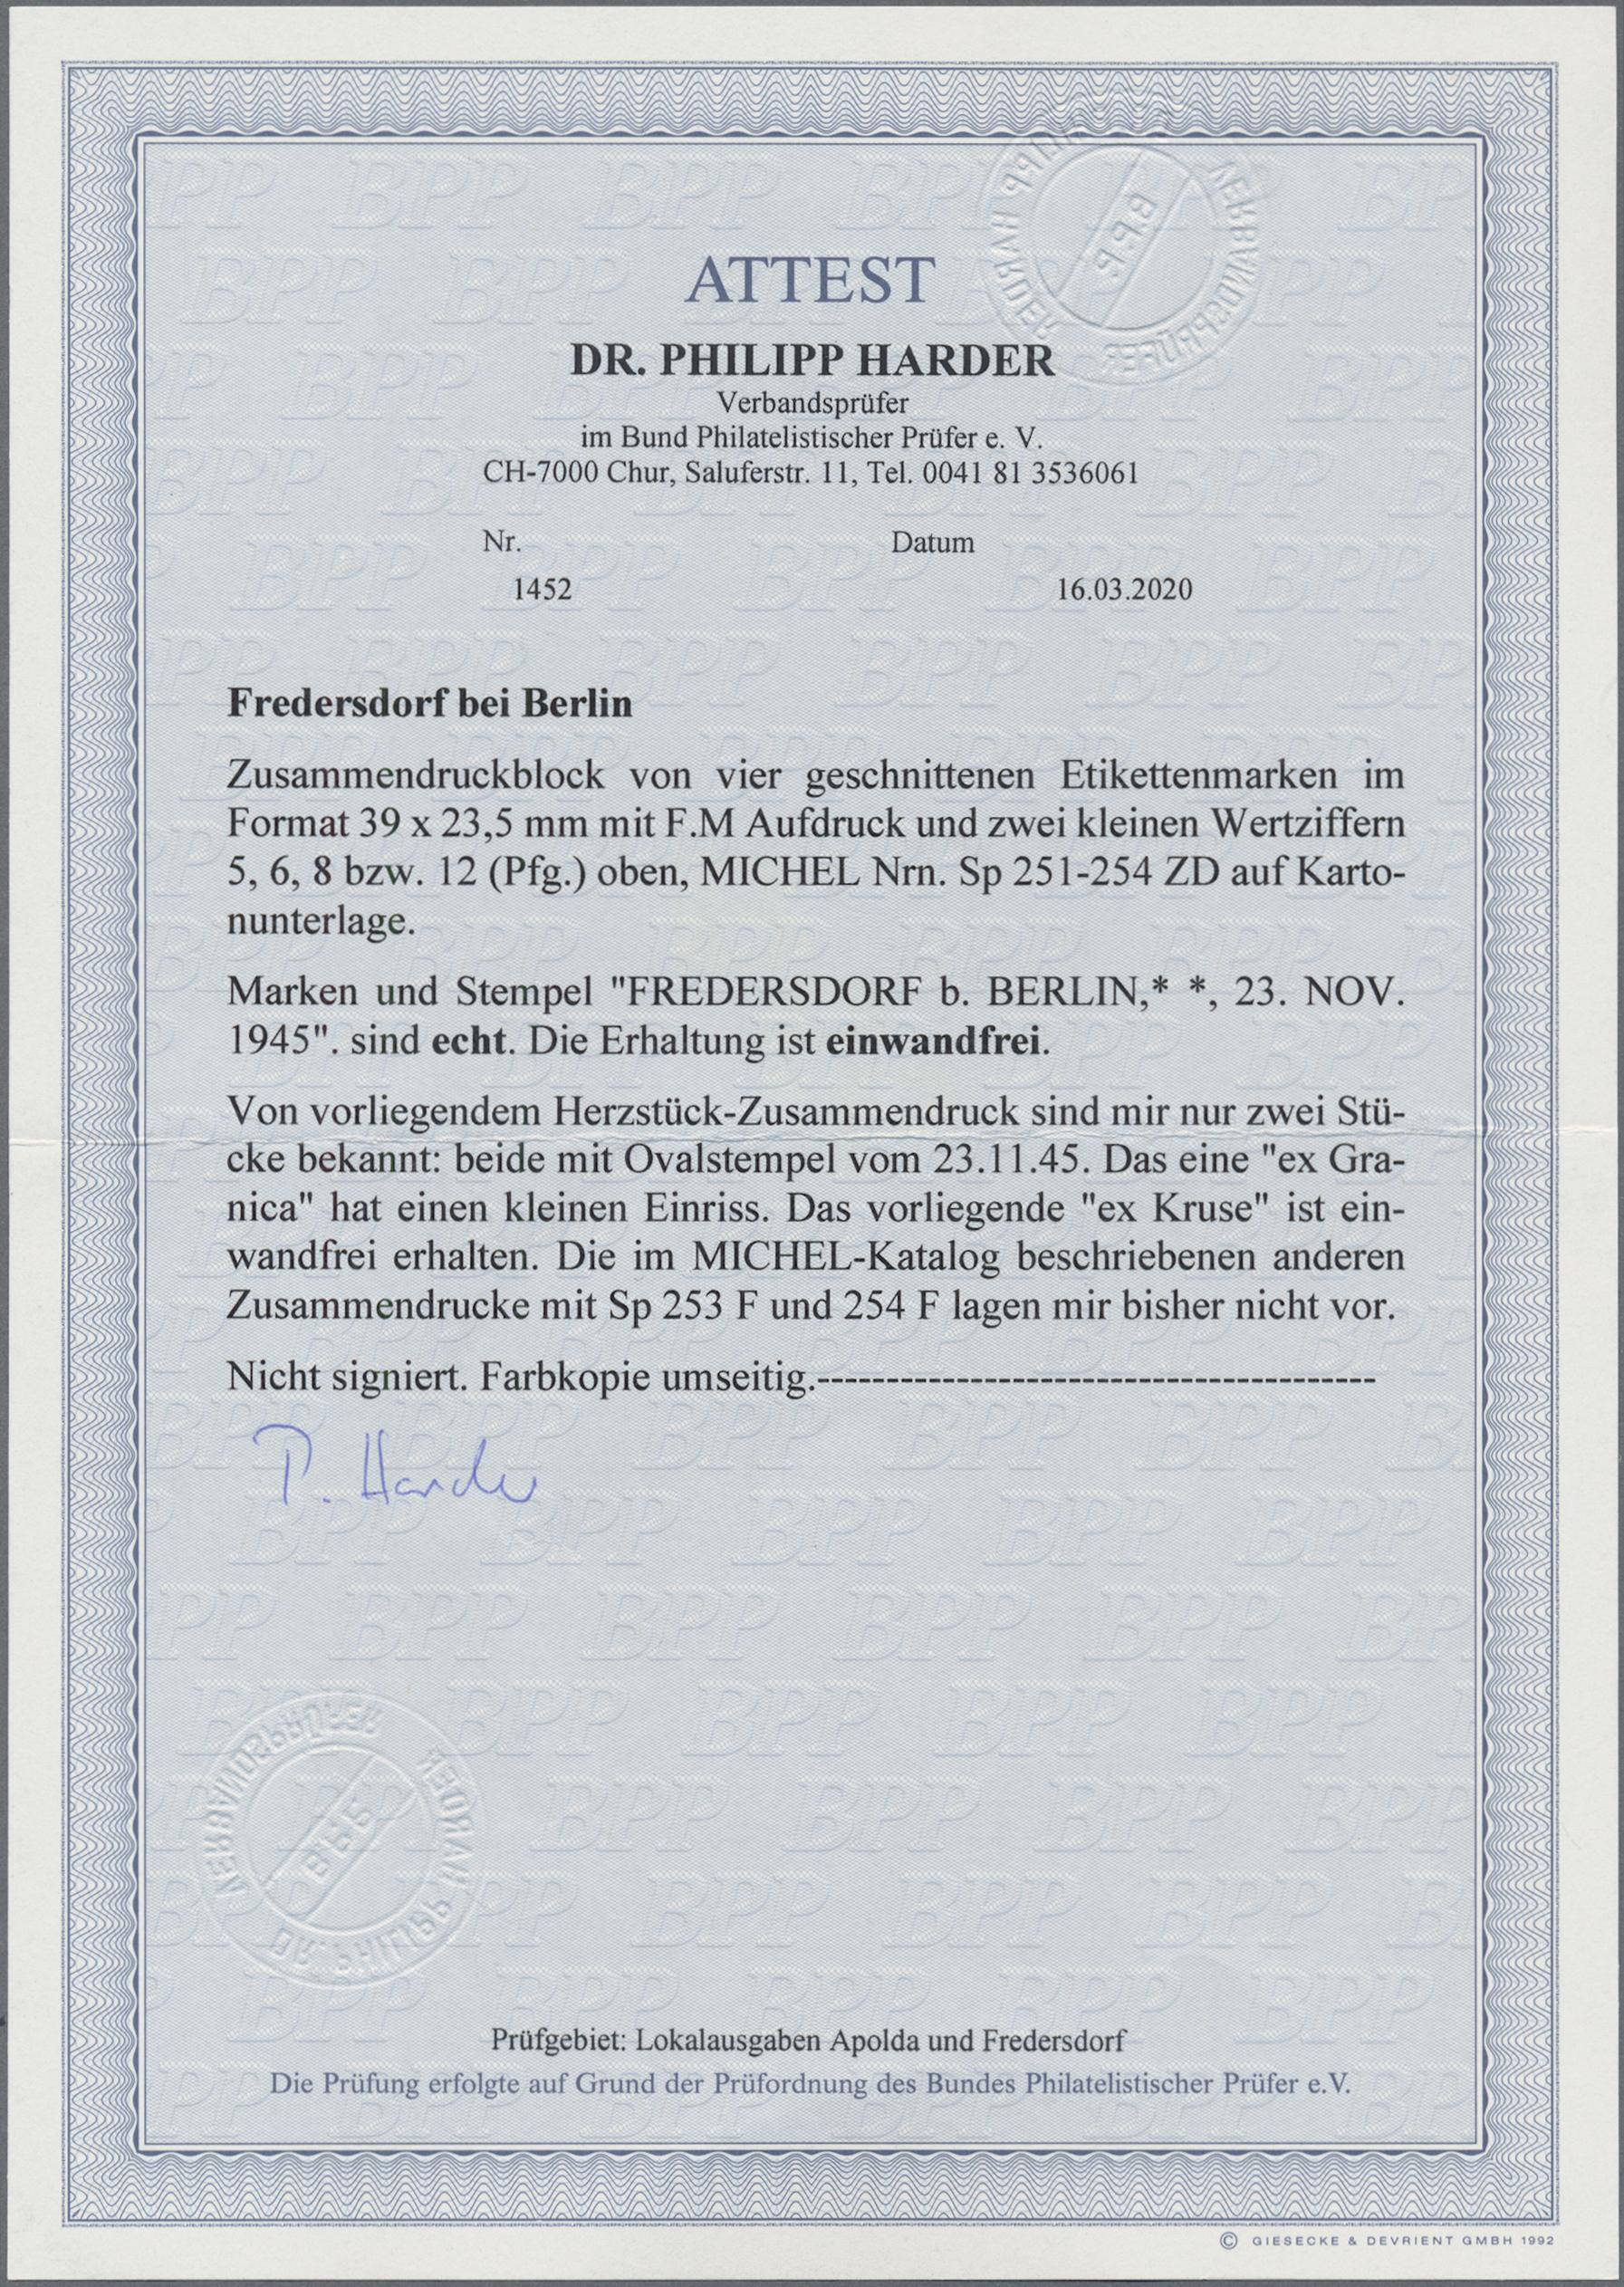 Lot 12518 - Deutsche Lokalausgaben ab 1945 - Fredersdorf  -  Auktionshaus Christoph Gärtner GmbH & Co. KG 50th Auction Anniversary Auction - Day 4